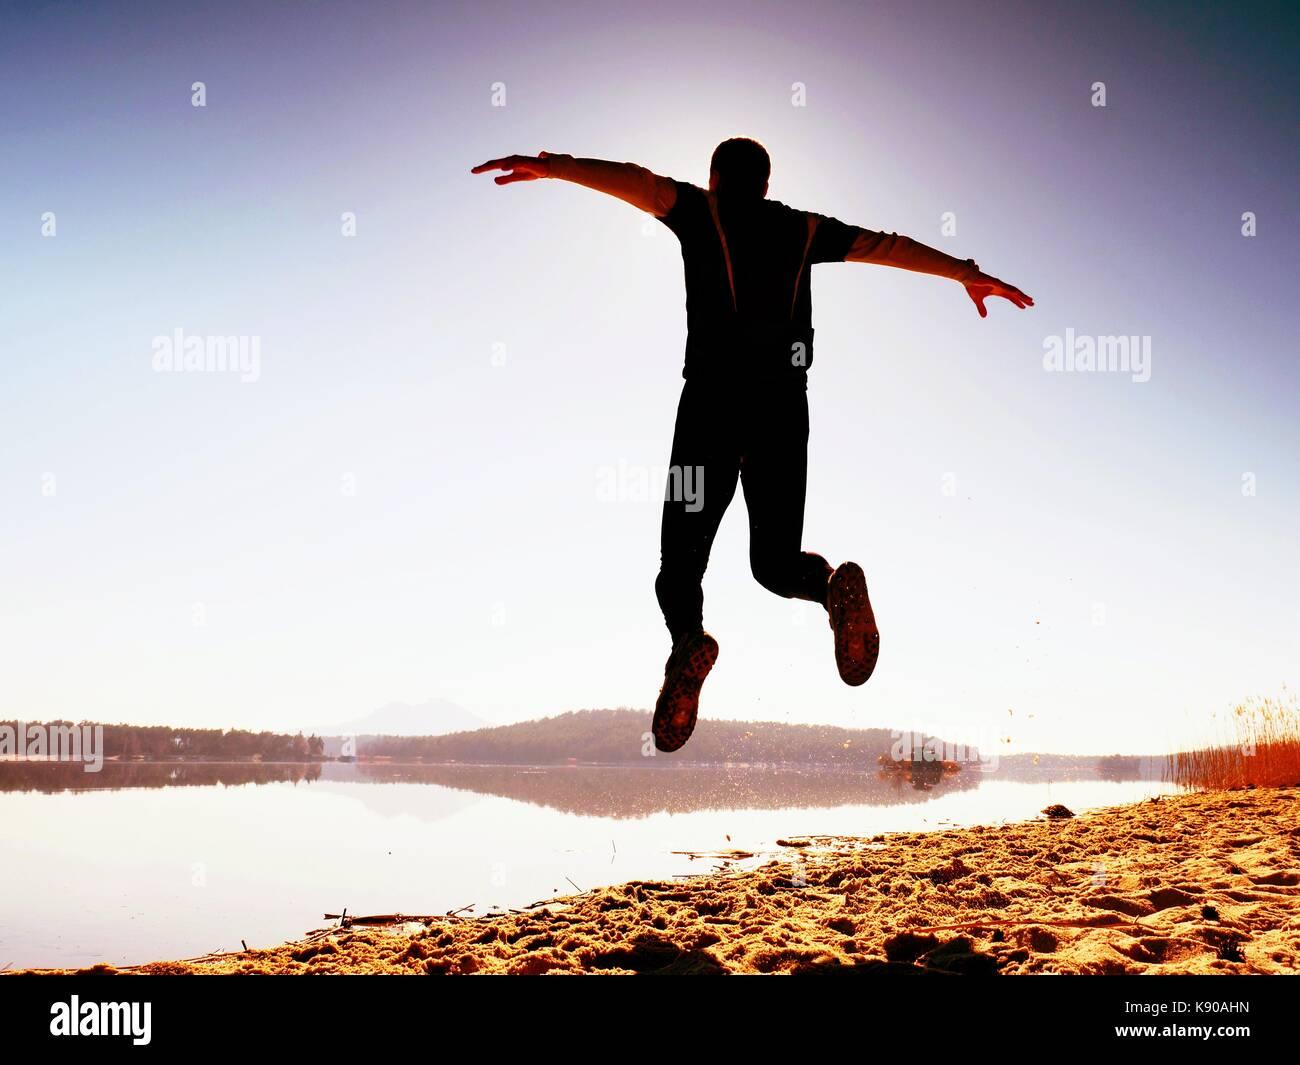 Mann verrückt Springen am Strand. Sportler Fliegen am Strand während der fantastischen Sonnenaufgang über Stockbild